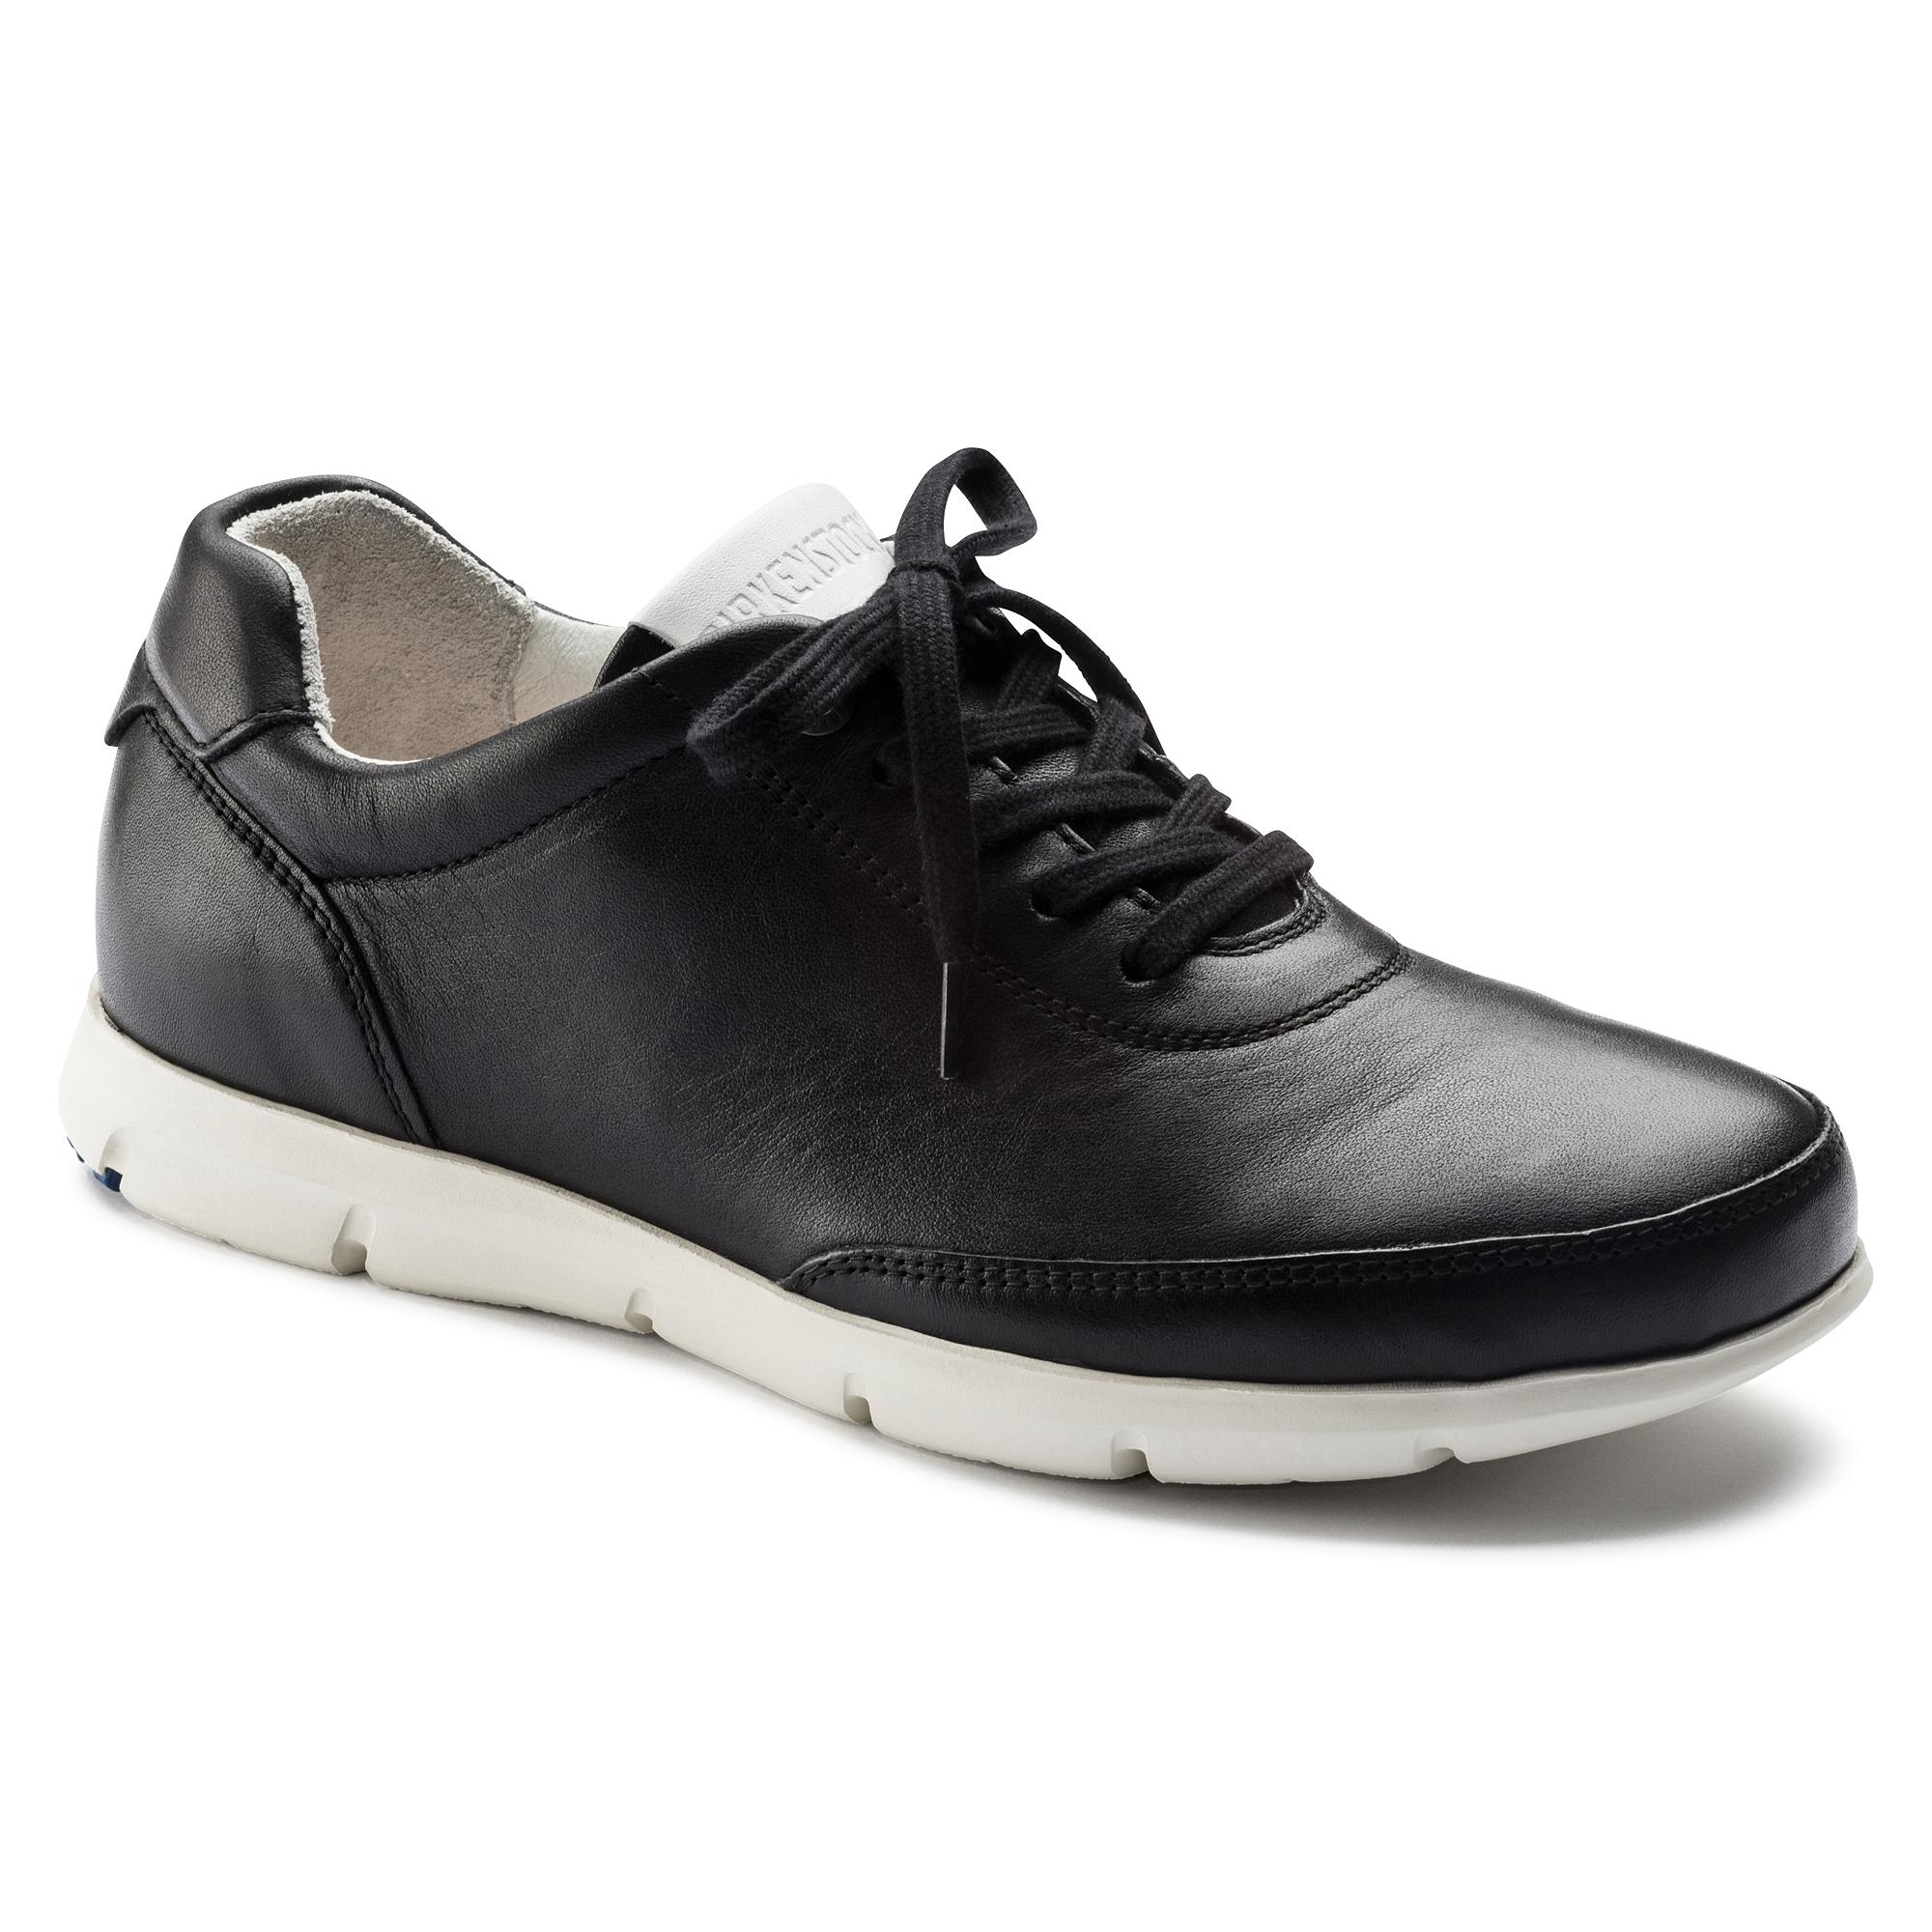 Birkenstock Manitoba - Zapatillas de Cuero, Mujer, Negro, 38